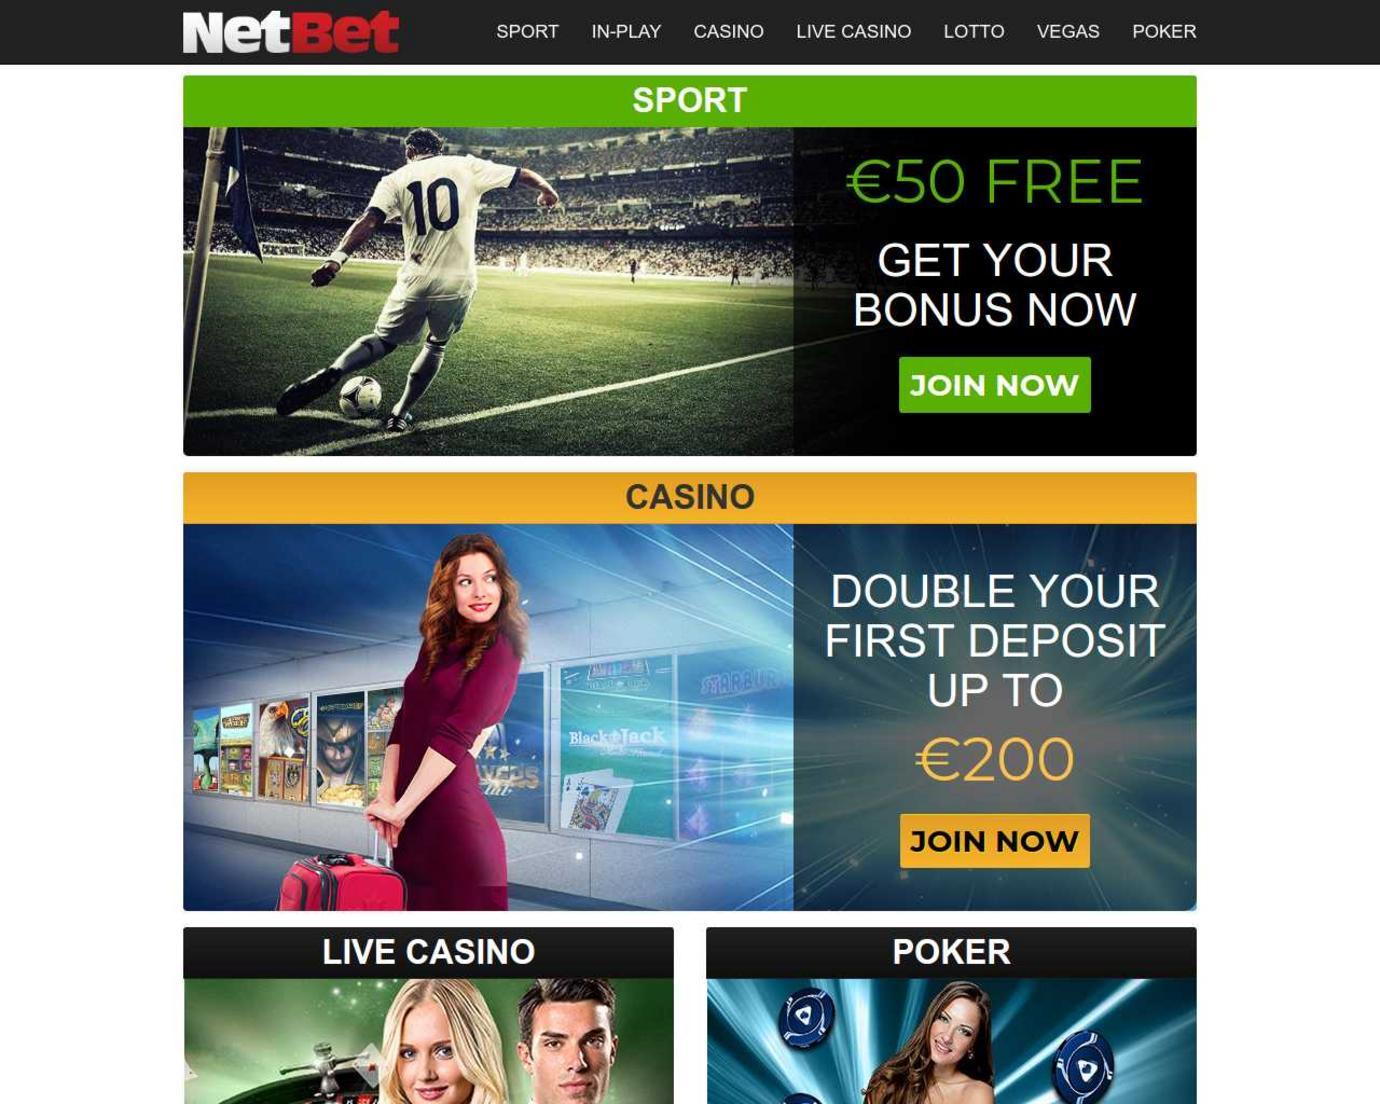 NetBet.com